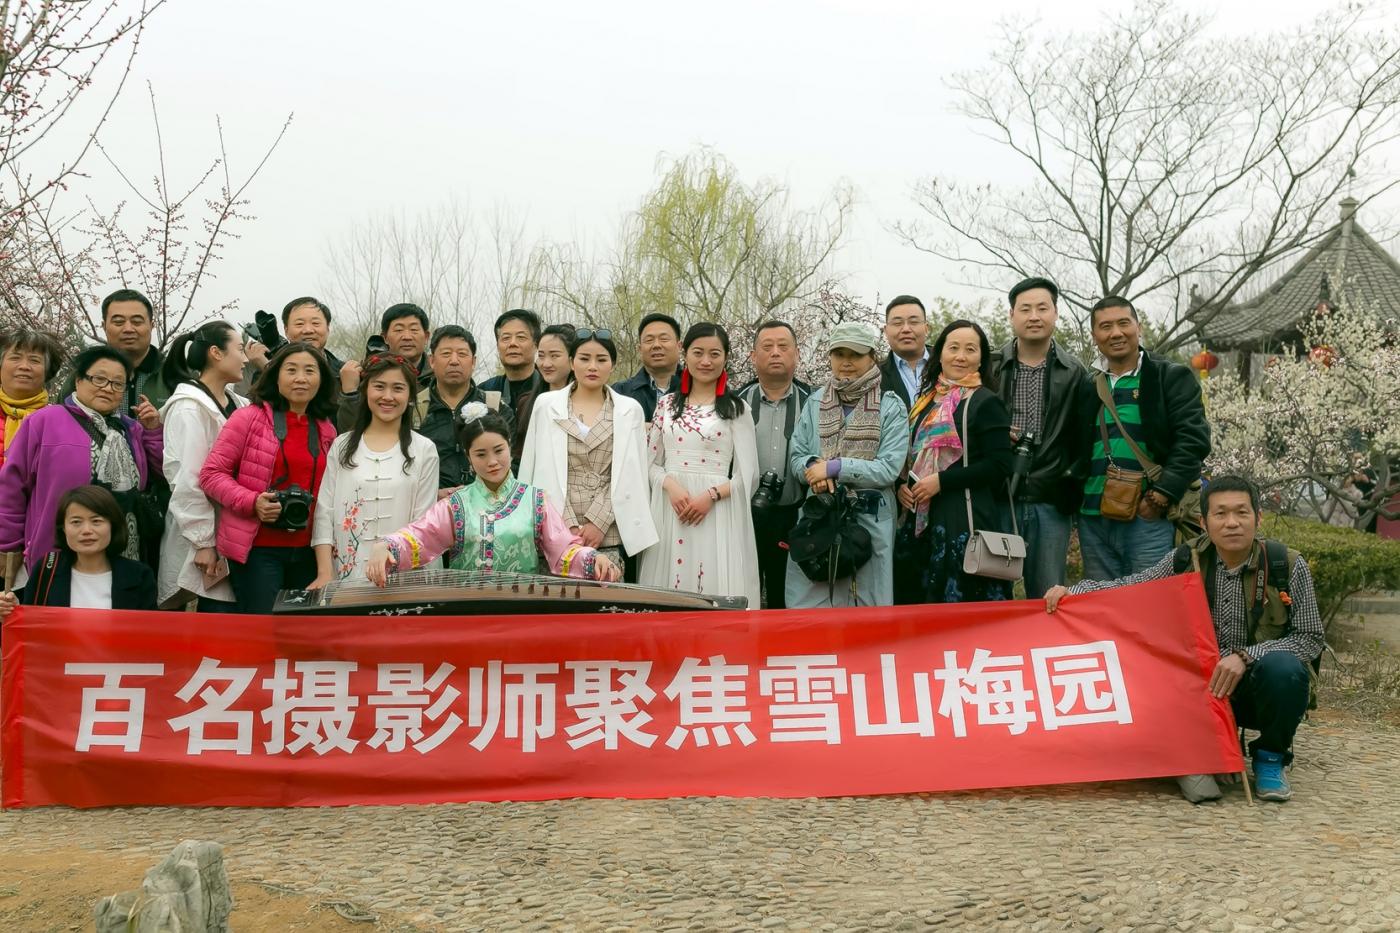 沂水雪山梅园走来一群赏梅踏春的沂蒙女孩 摄影人和女孩们成为梅园一道亮丽的风景线 ..._图1-29